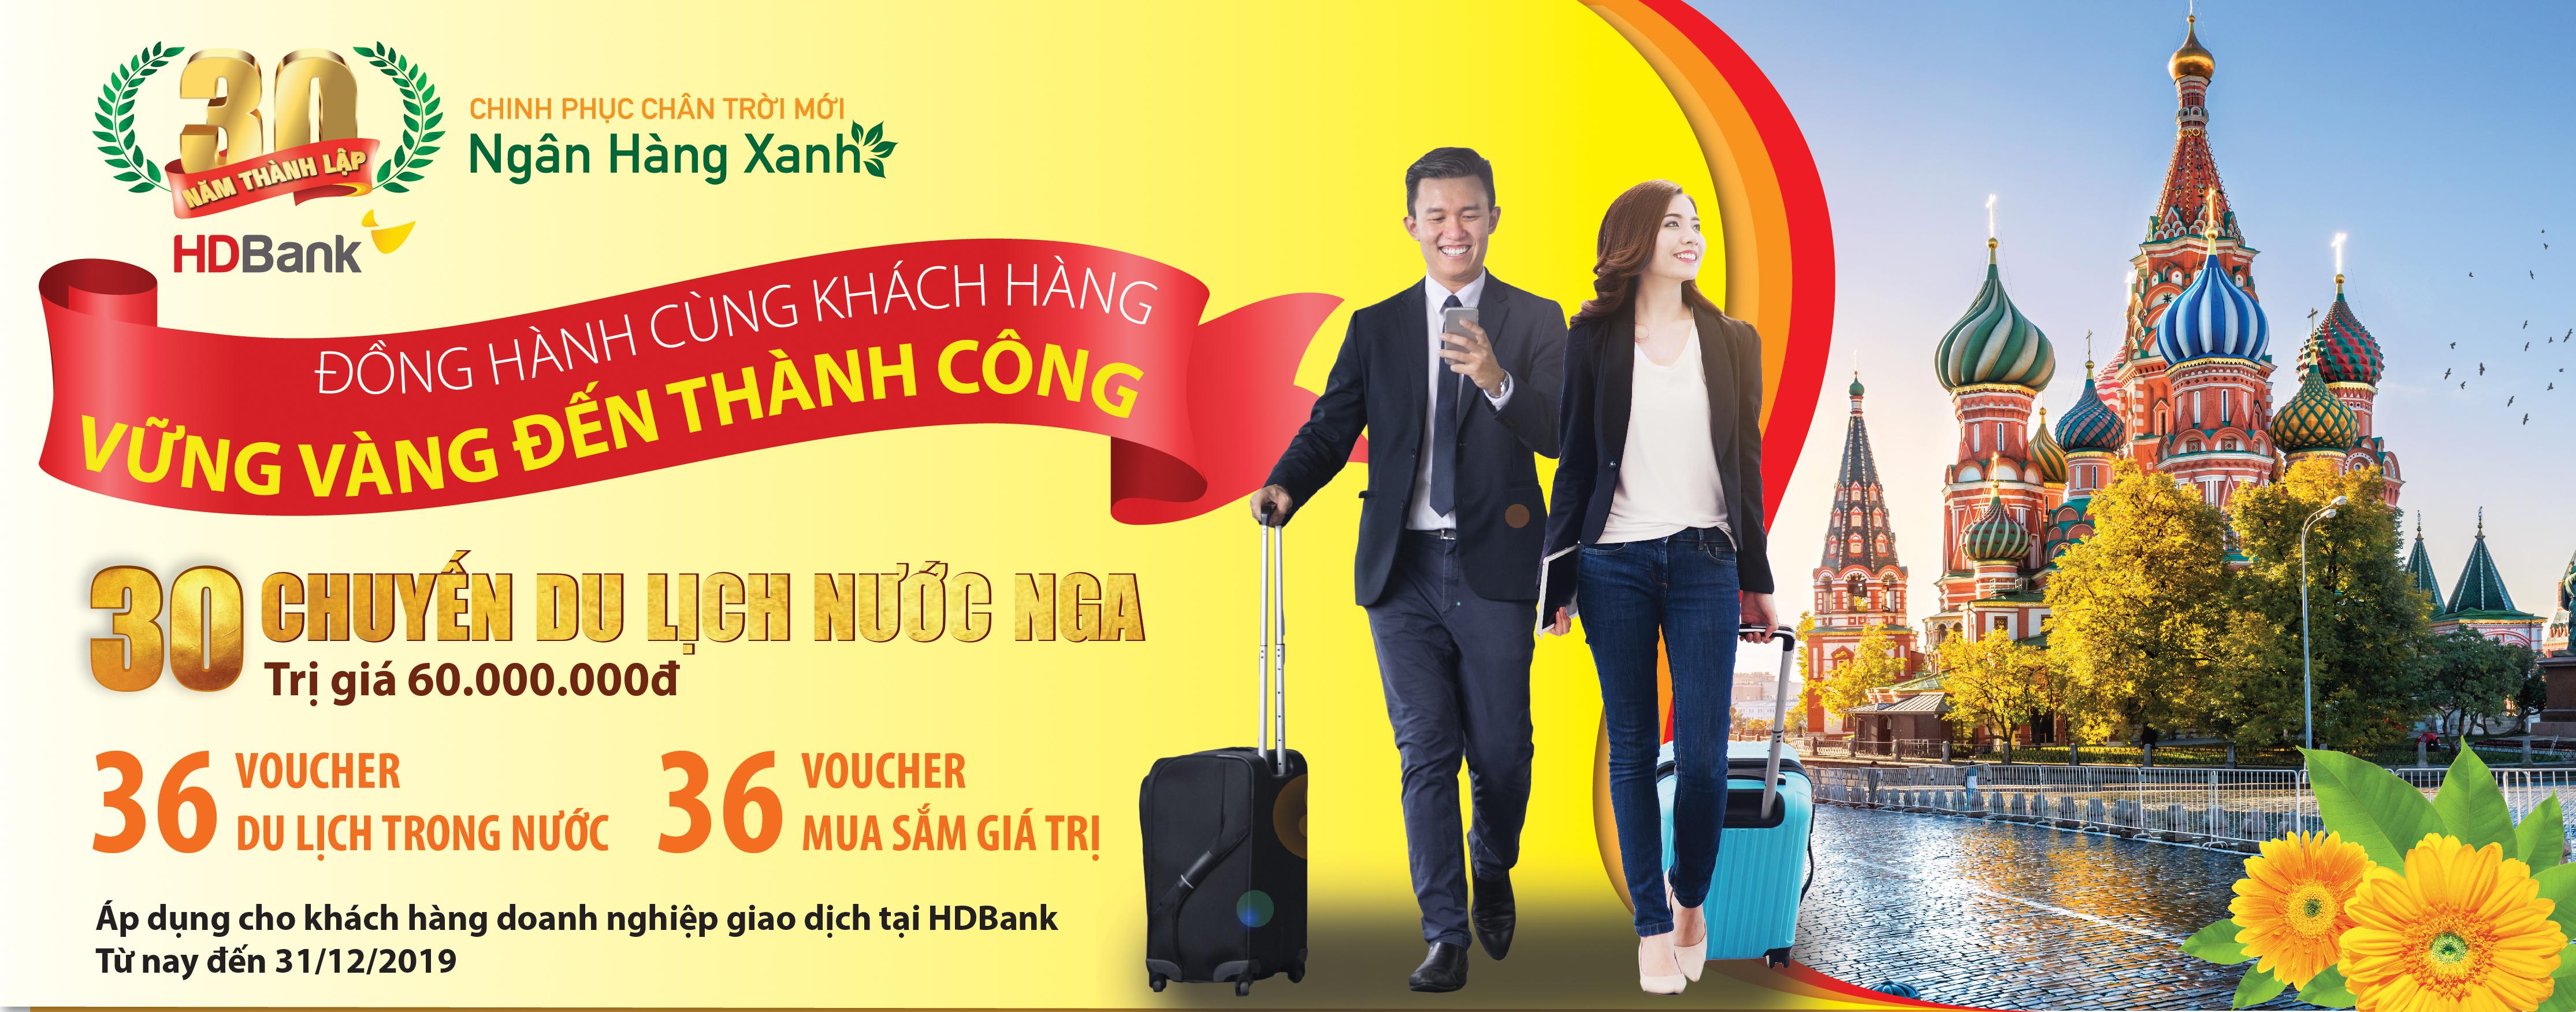 """HDBank dành nhiều ưu đãi """"khủng"""" cho khách hàng doanh nghiệp  - Ảnh 2"""